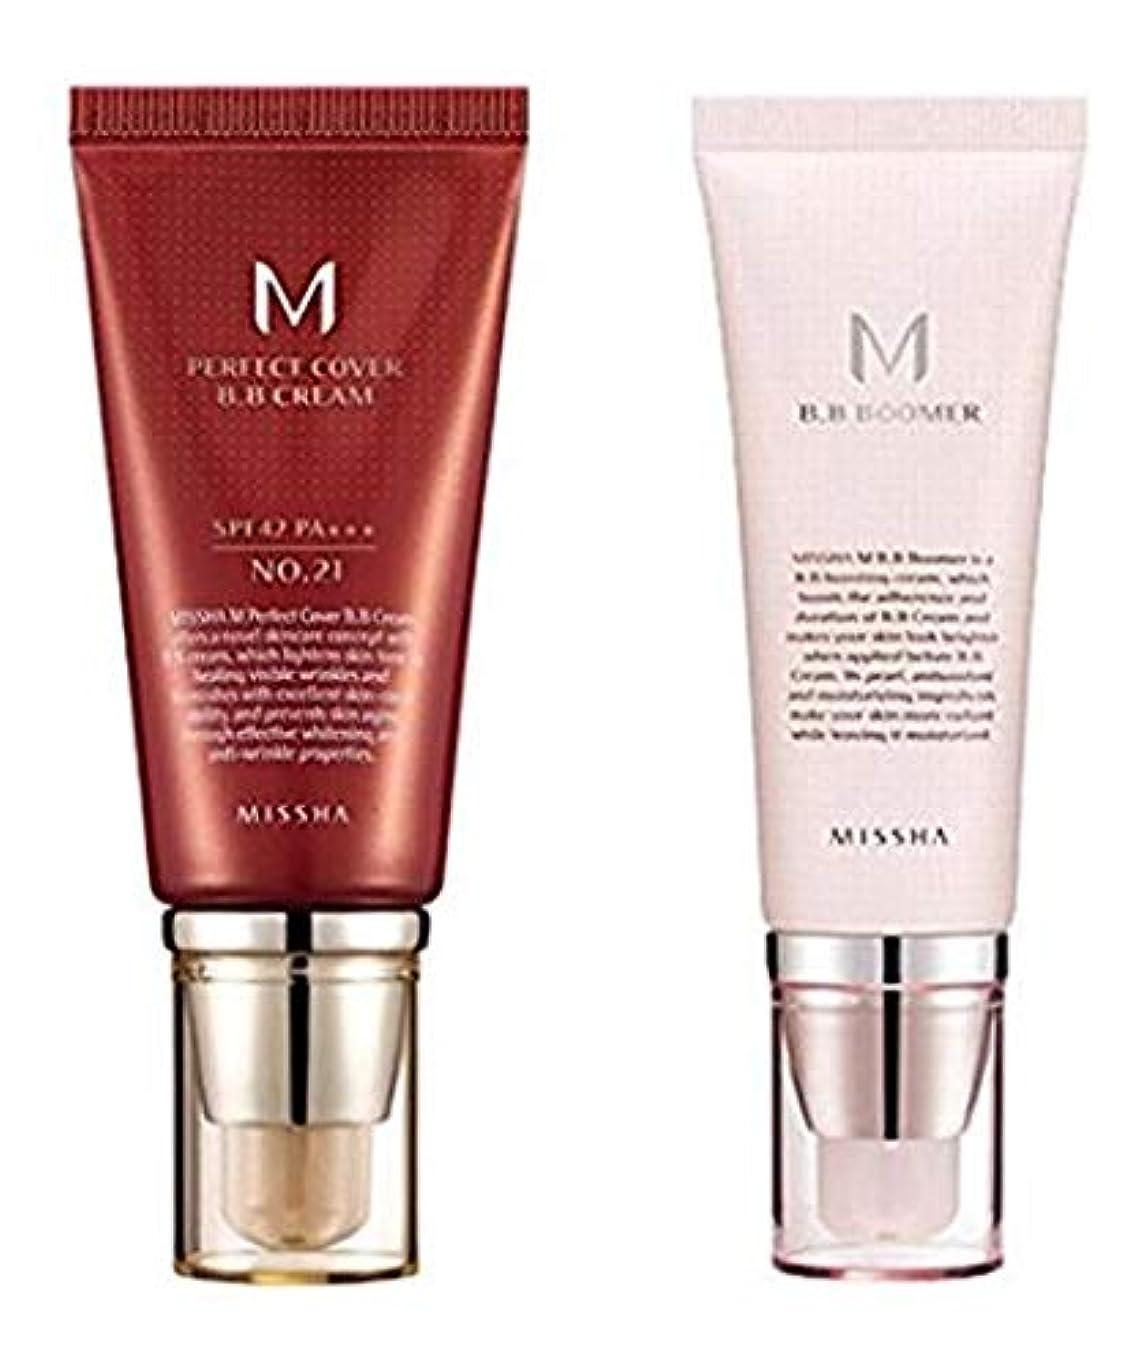 コンベンションバイオリニストお金MISSHA M Perfect Cover BB cream #21 + M BB Boomer / ミシャ M パーフェクトカバー BBクリーム 50ml + M BBブーマー40ml [並行輸入品]